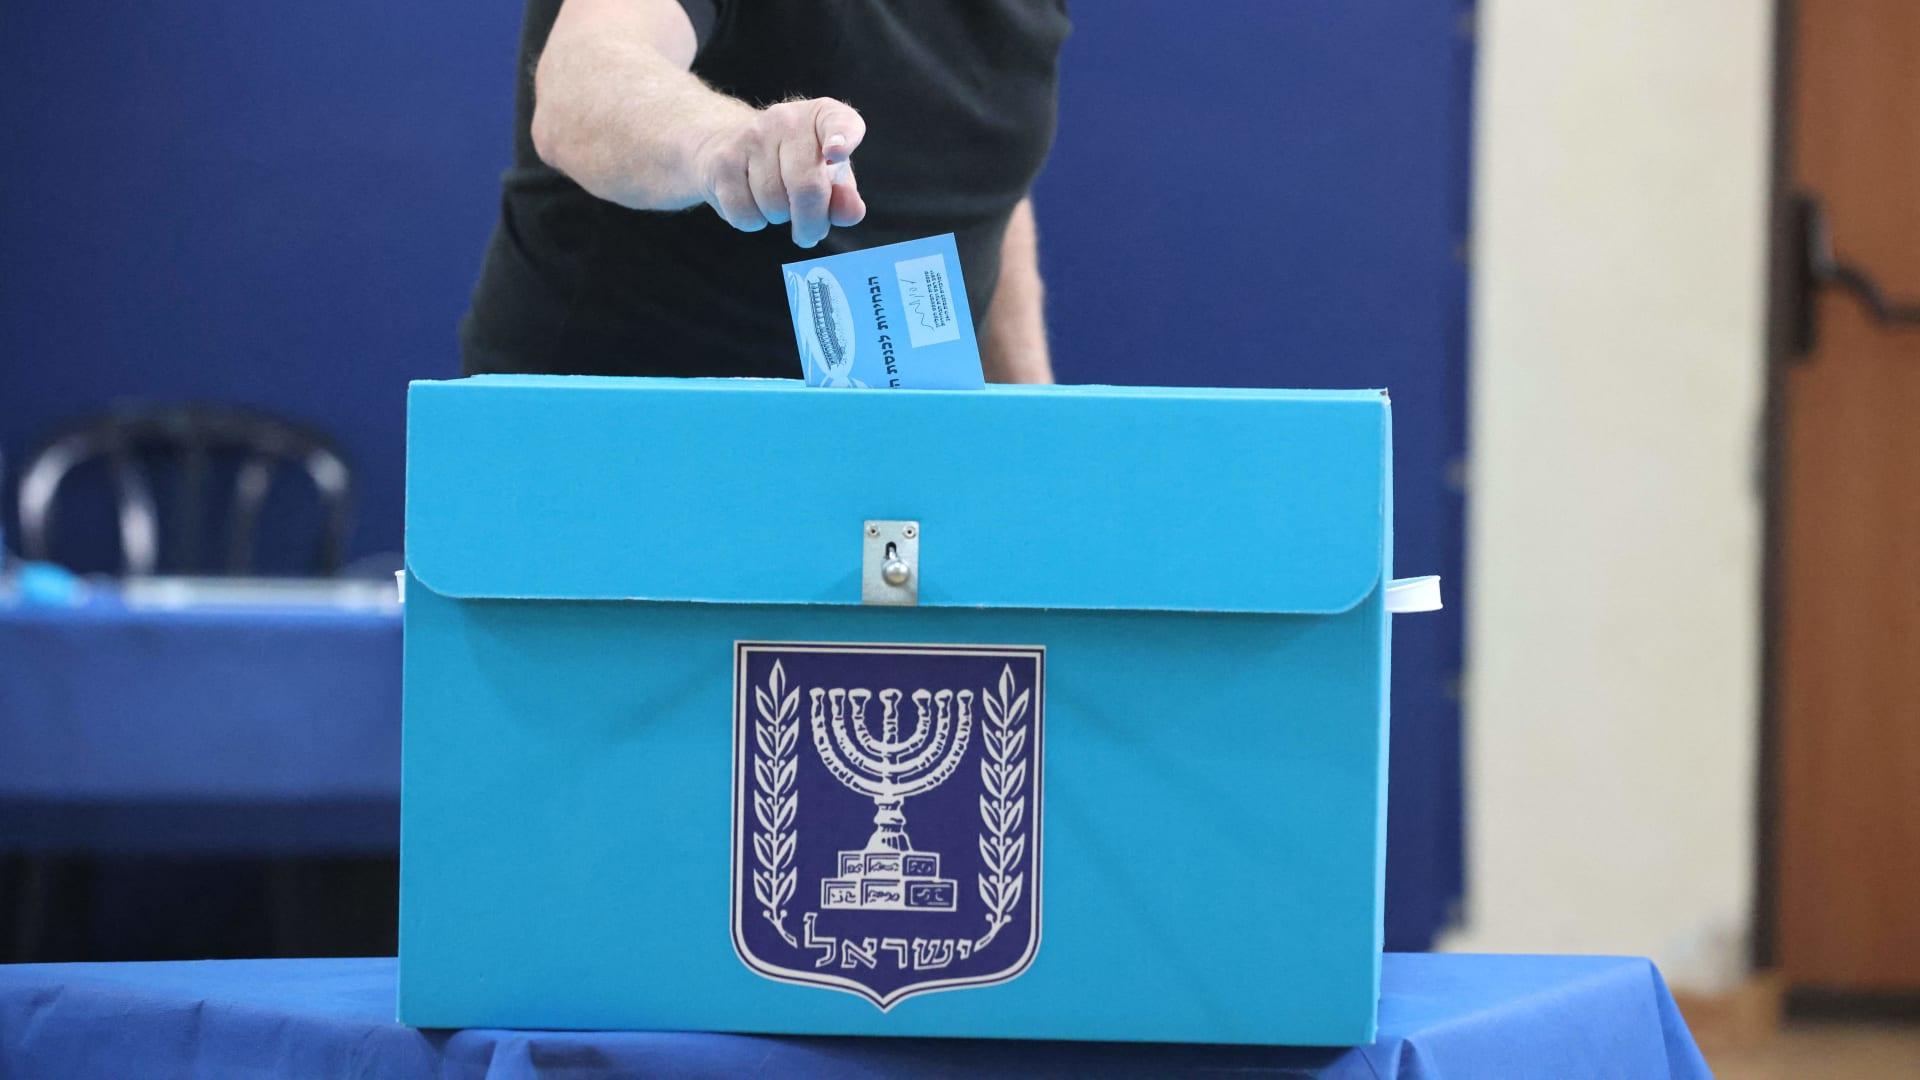 صورة من عمليات التصويت